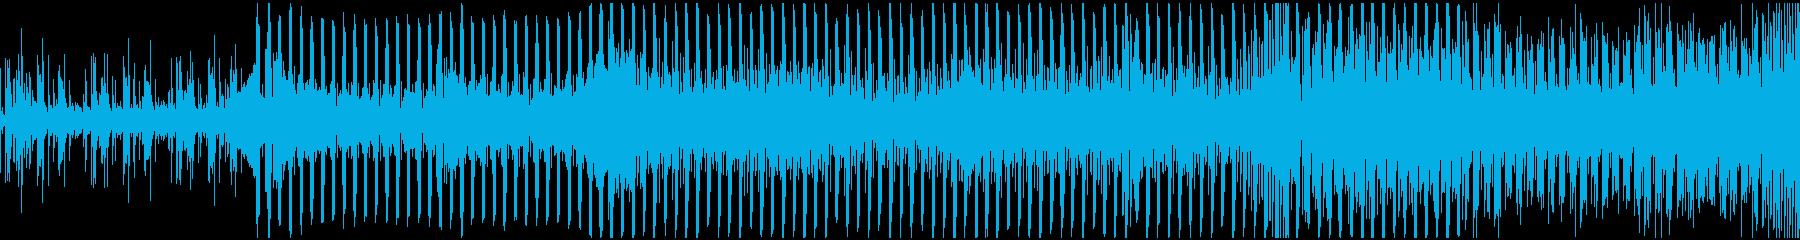 都会的を闊歩する明るいテクノの短ループの再生済みの波形